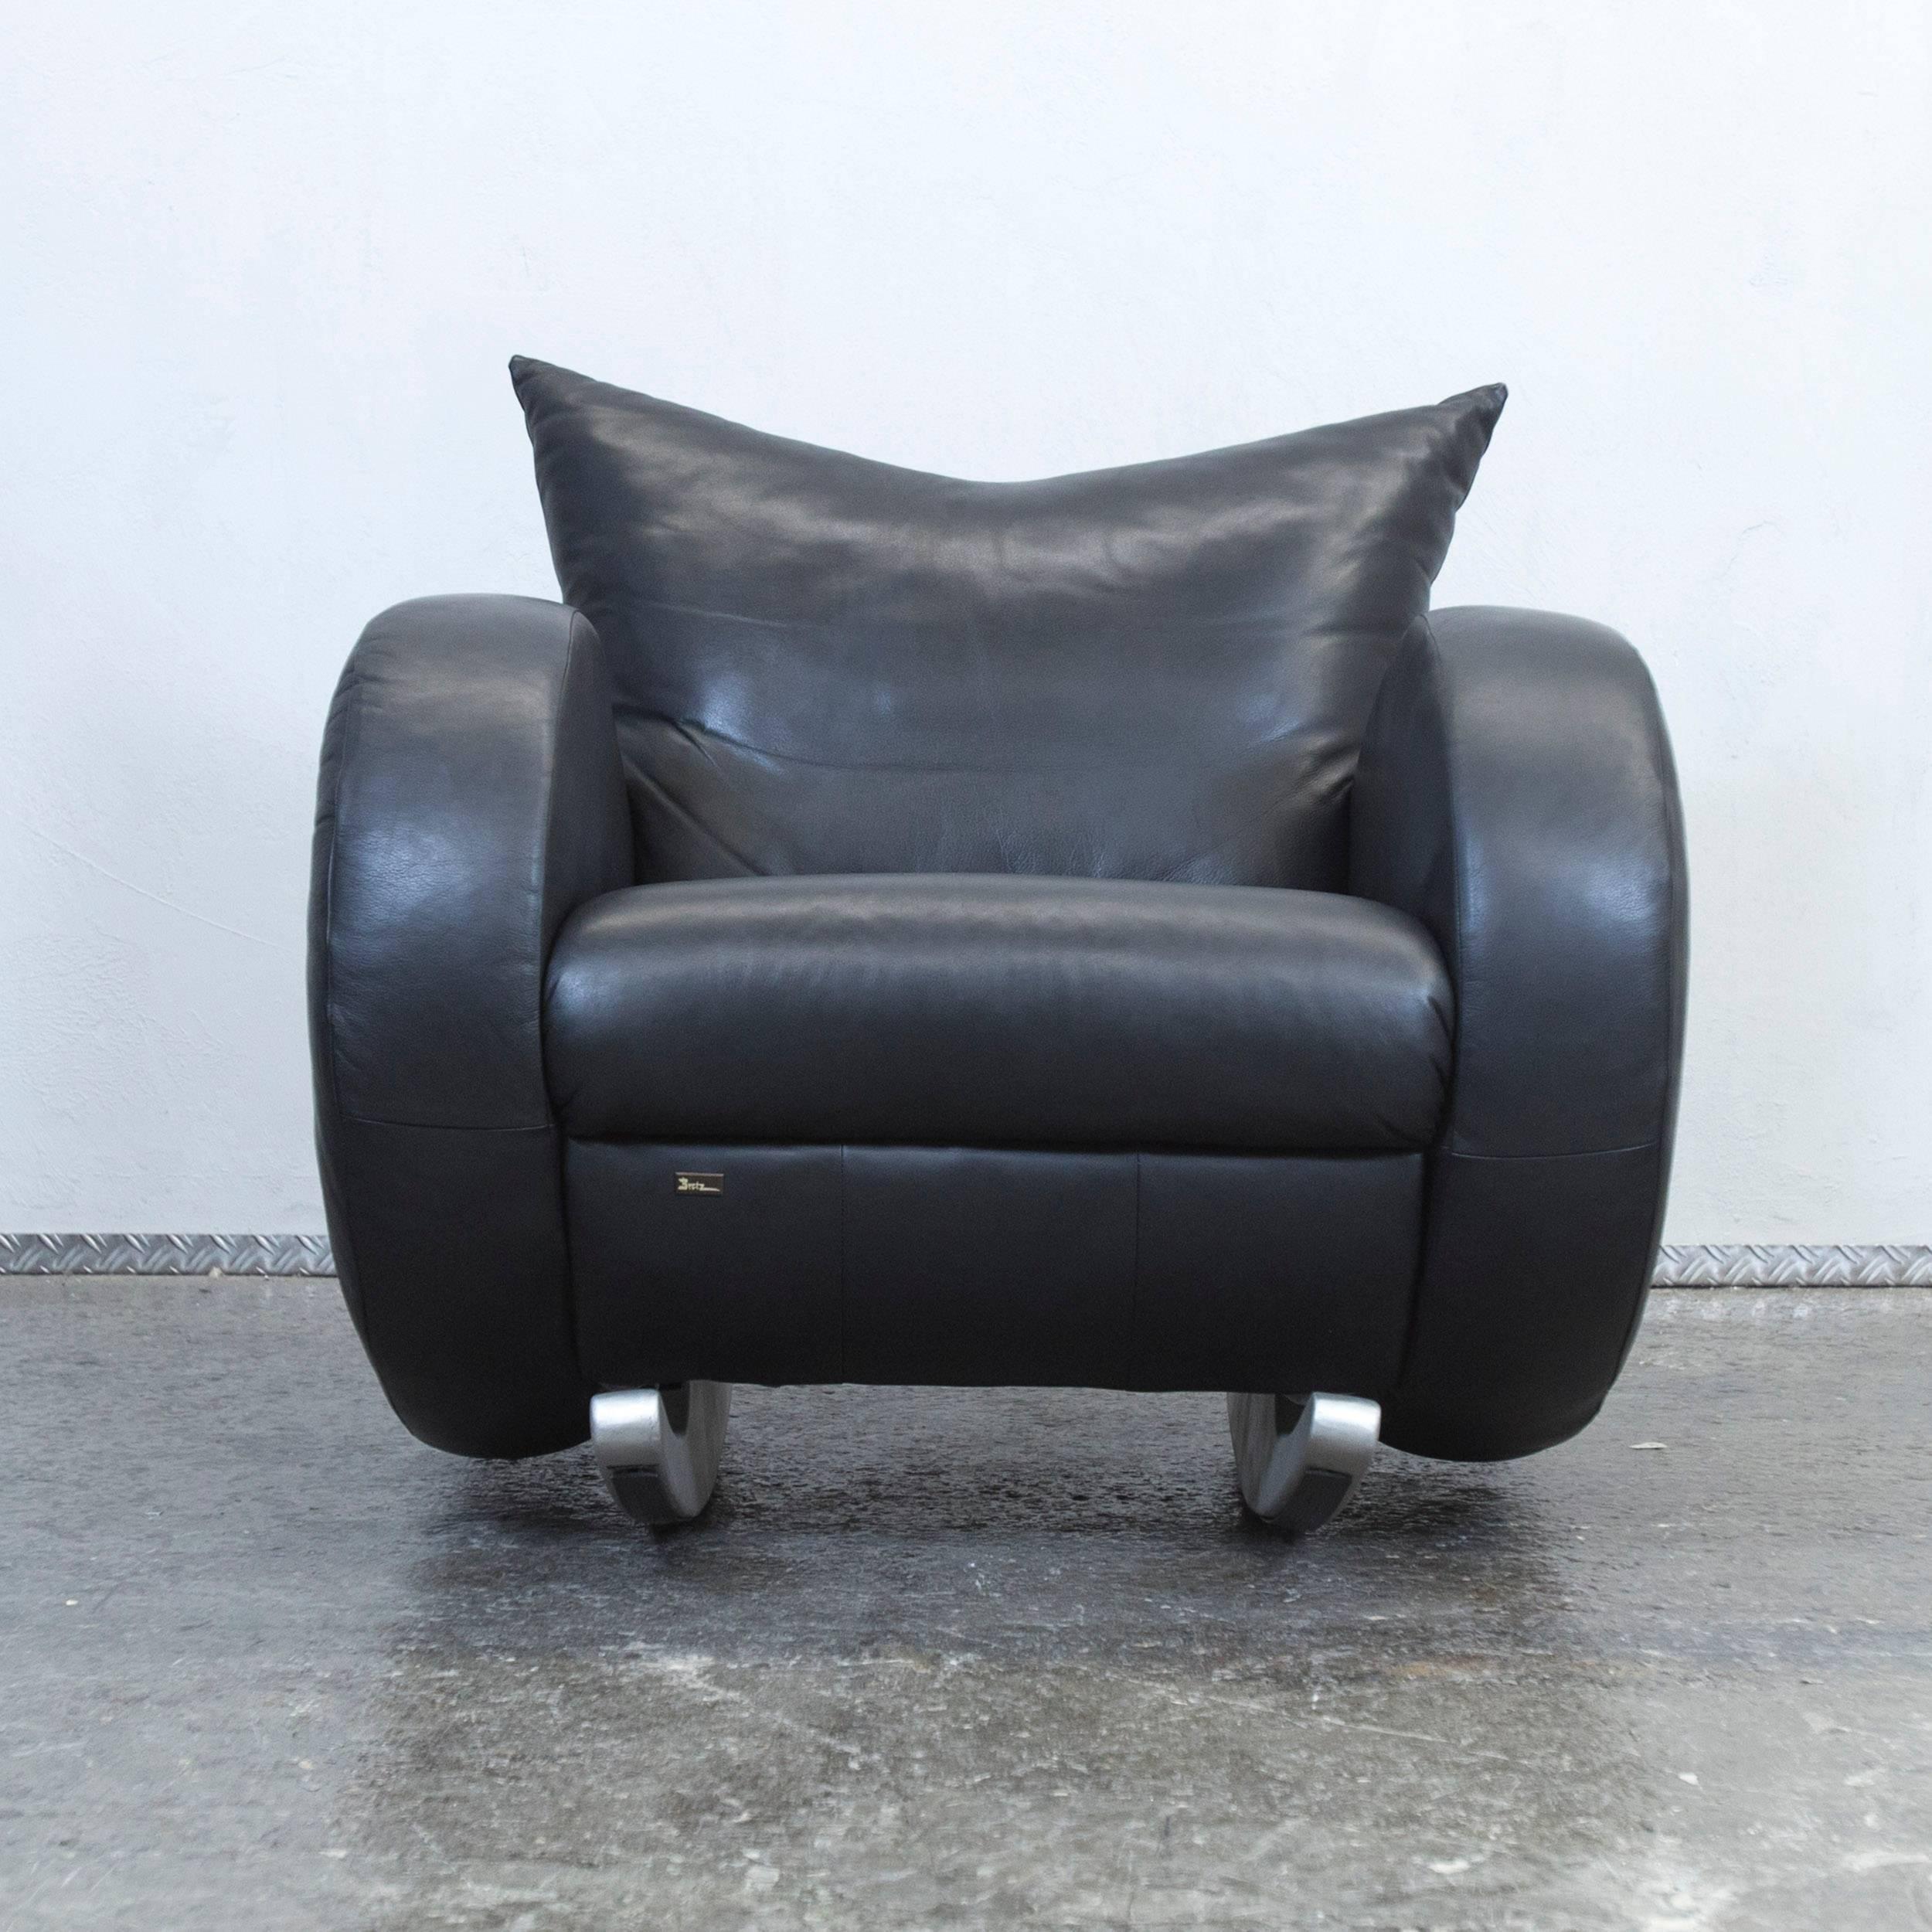 Exquisit Schaukelstuhl Modern Ideen Von Bretz Designer Armchair Black Leather One Seat